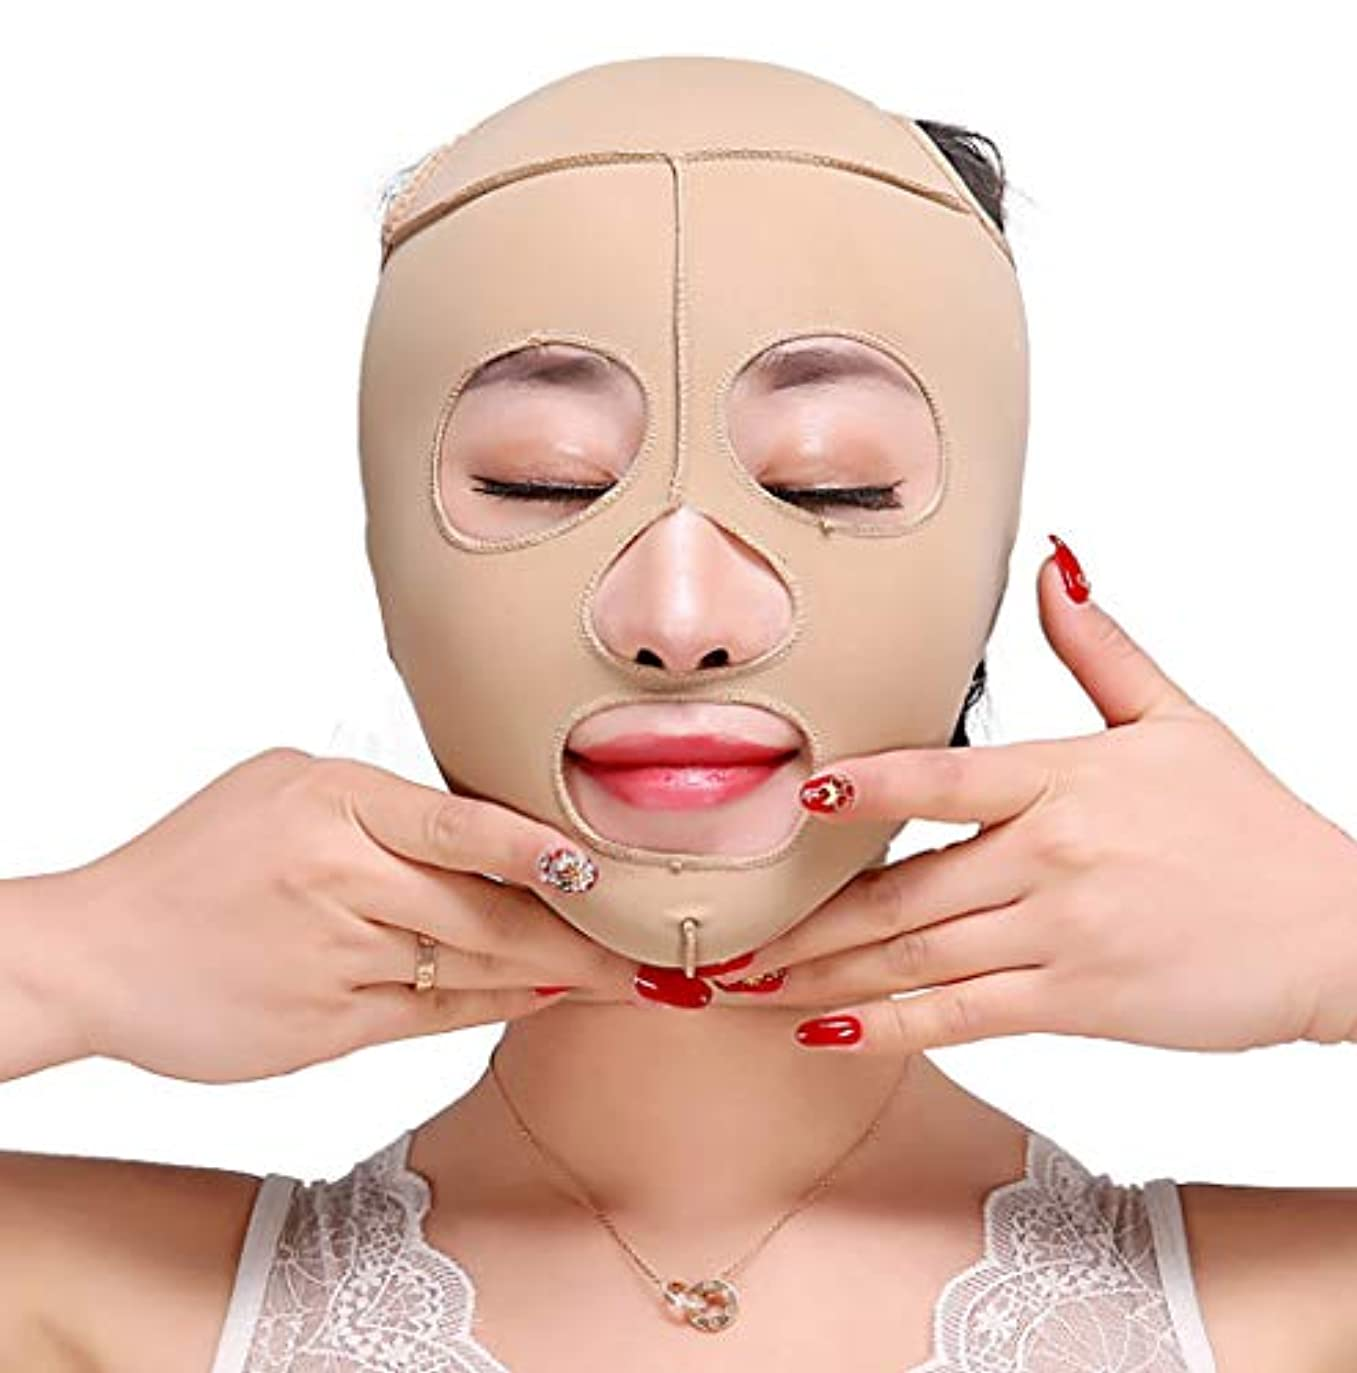 道路くシーボードTLMY 痩身ベルト痩身ベルト薄い顔の包帯小V顔の顔の薄い顔のマスク包帯の強化引き締めV顔美容マスク小さな顔の包帯の頭飾り修正顔の形 顔用整形マスク (Size : M)